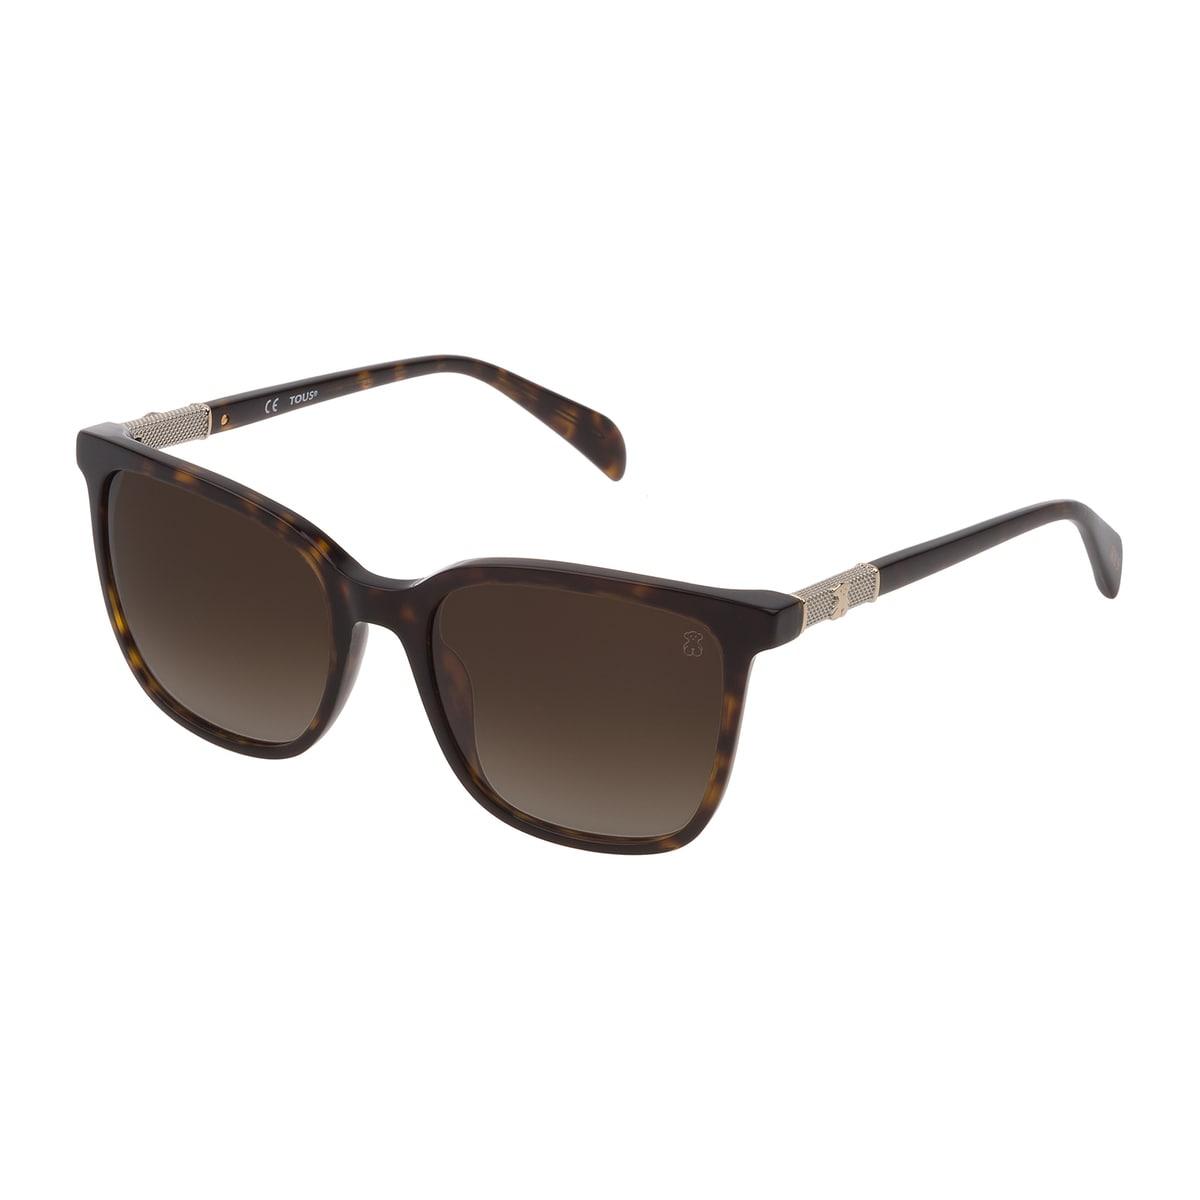 Brown Acetate Mesh Sunglasses